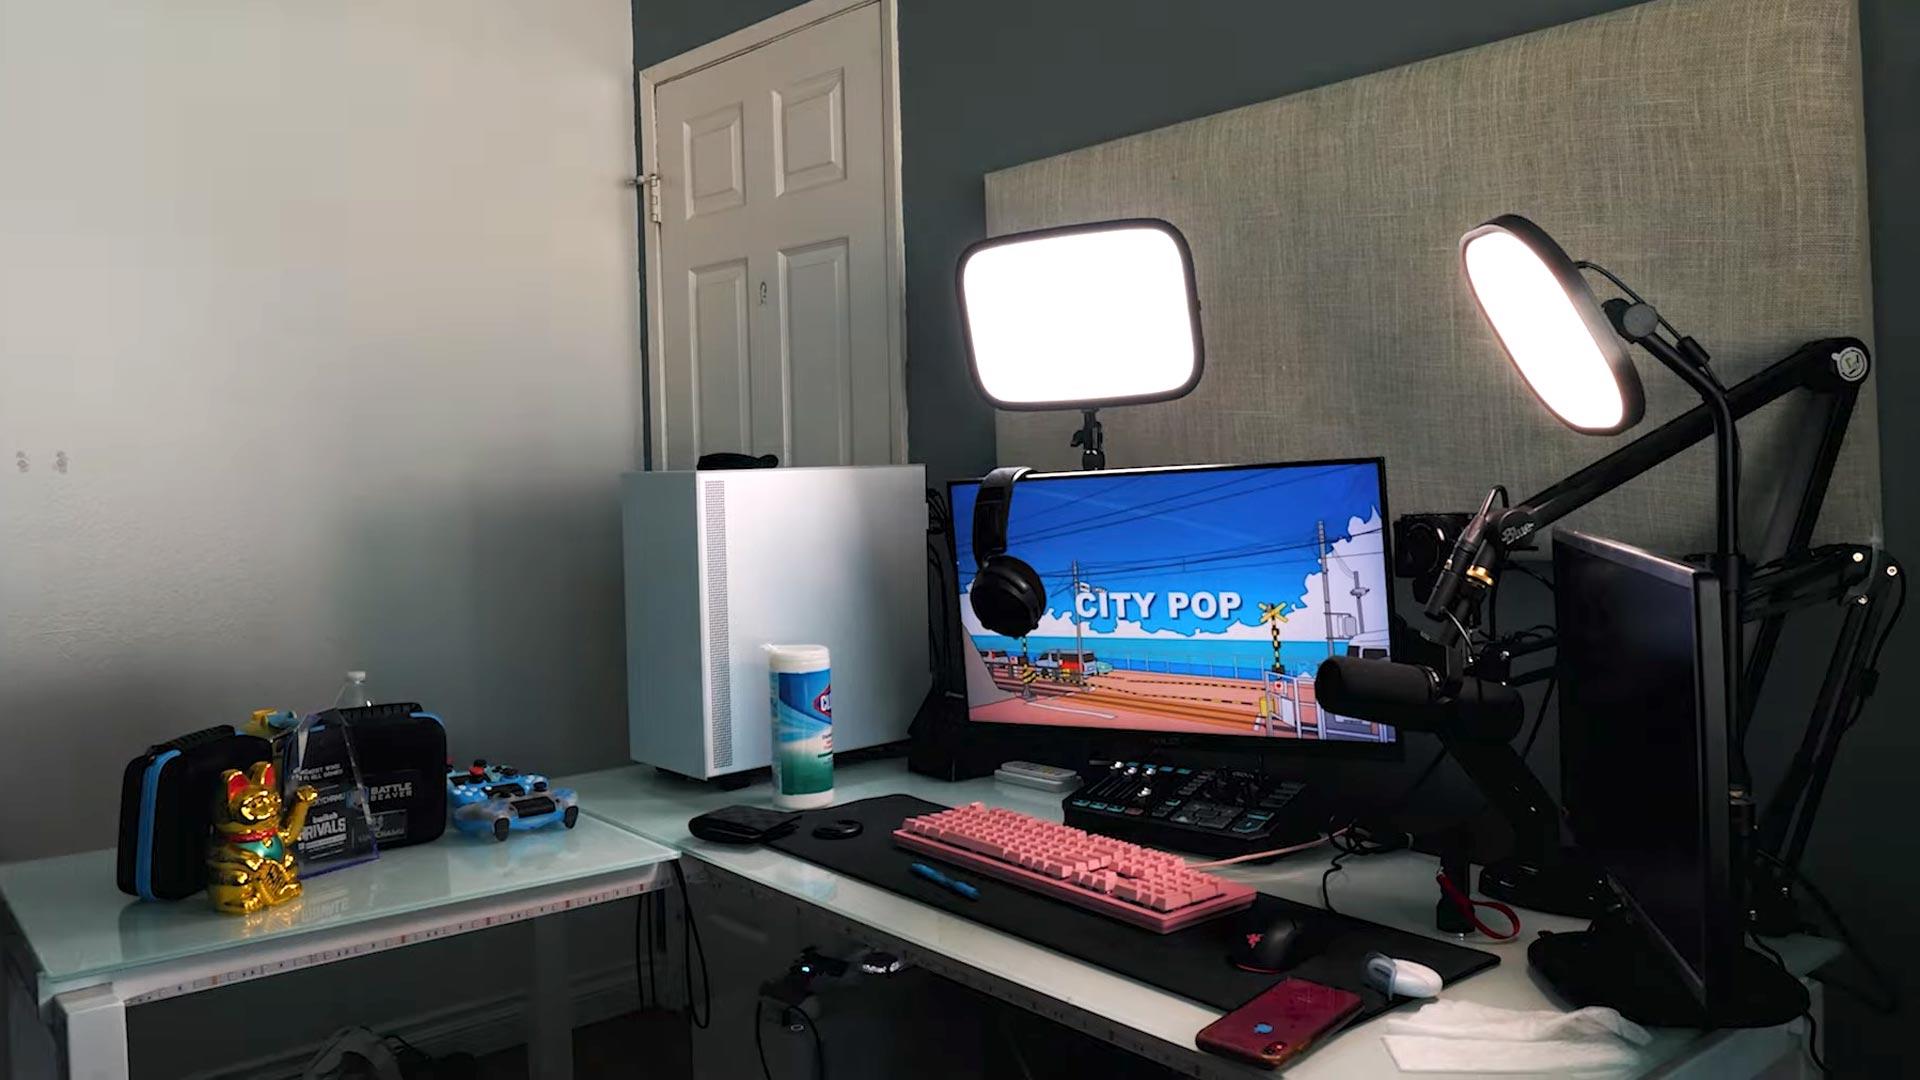 Lucky Chamu Gaming Room Setup